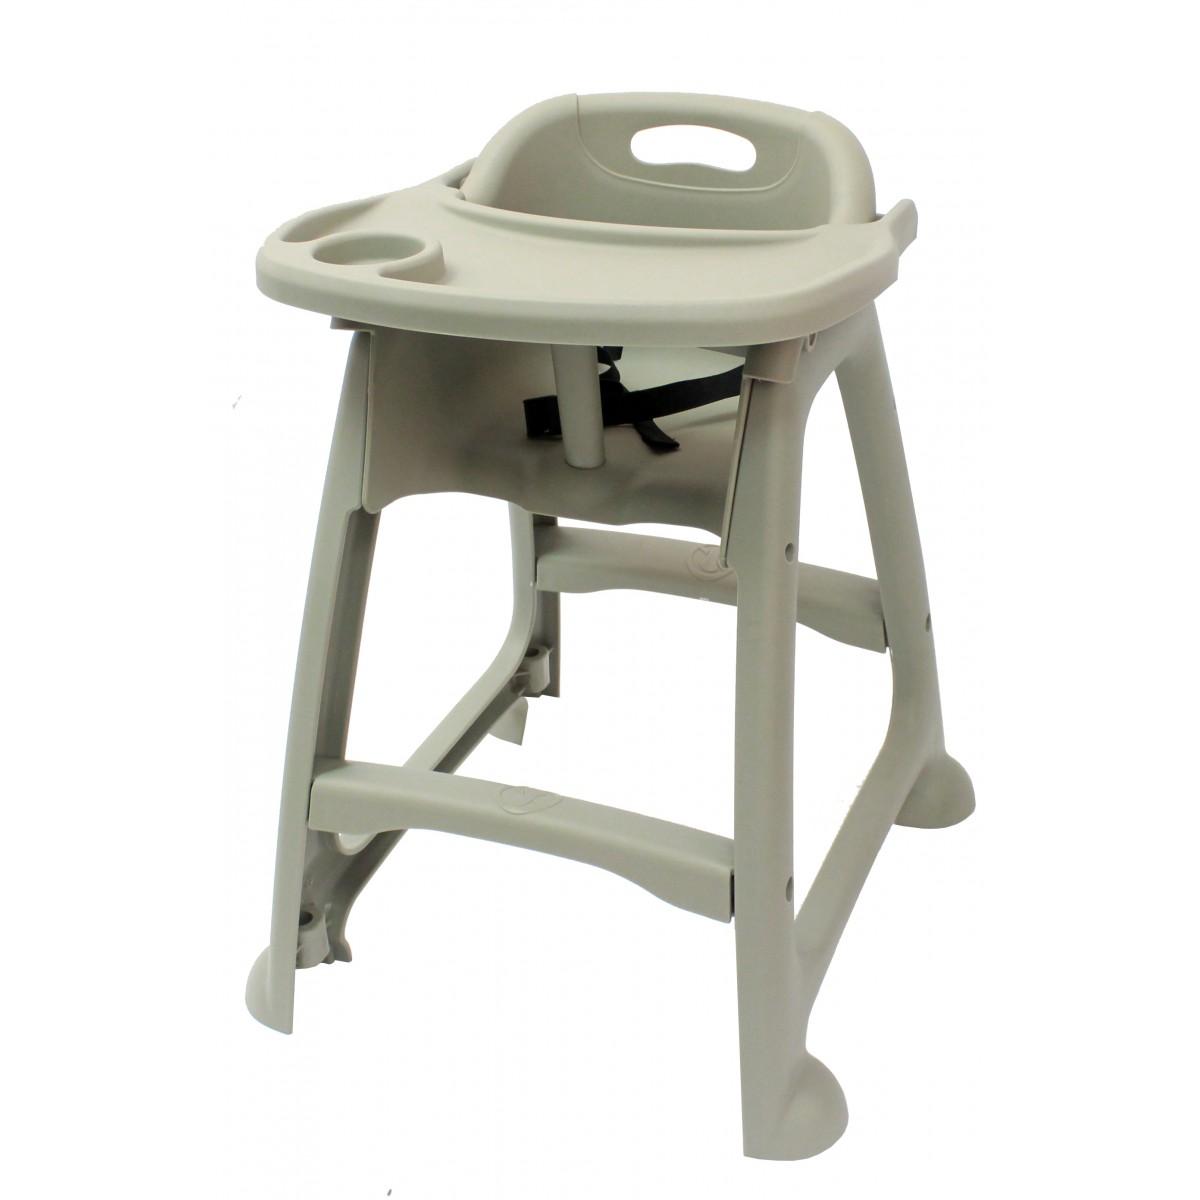 chaise haute sans roue. Black Bedroom Furniture Sets. Home Design Ideas